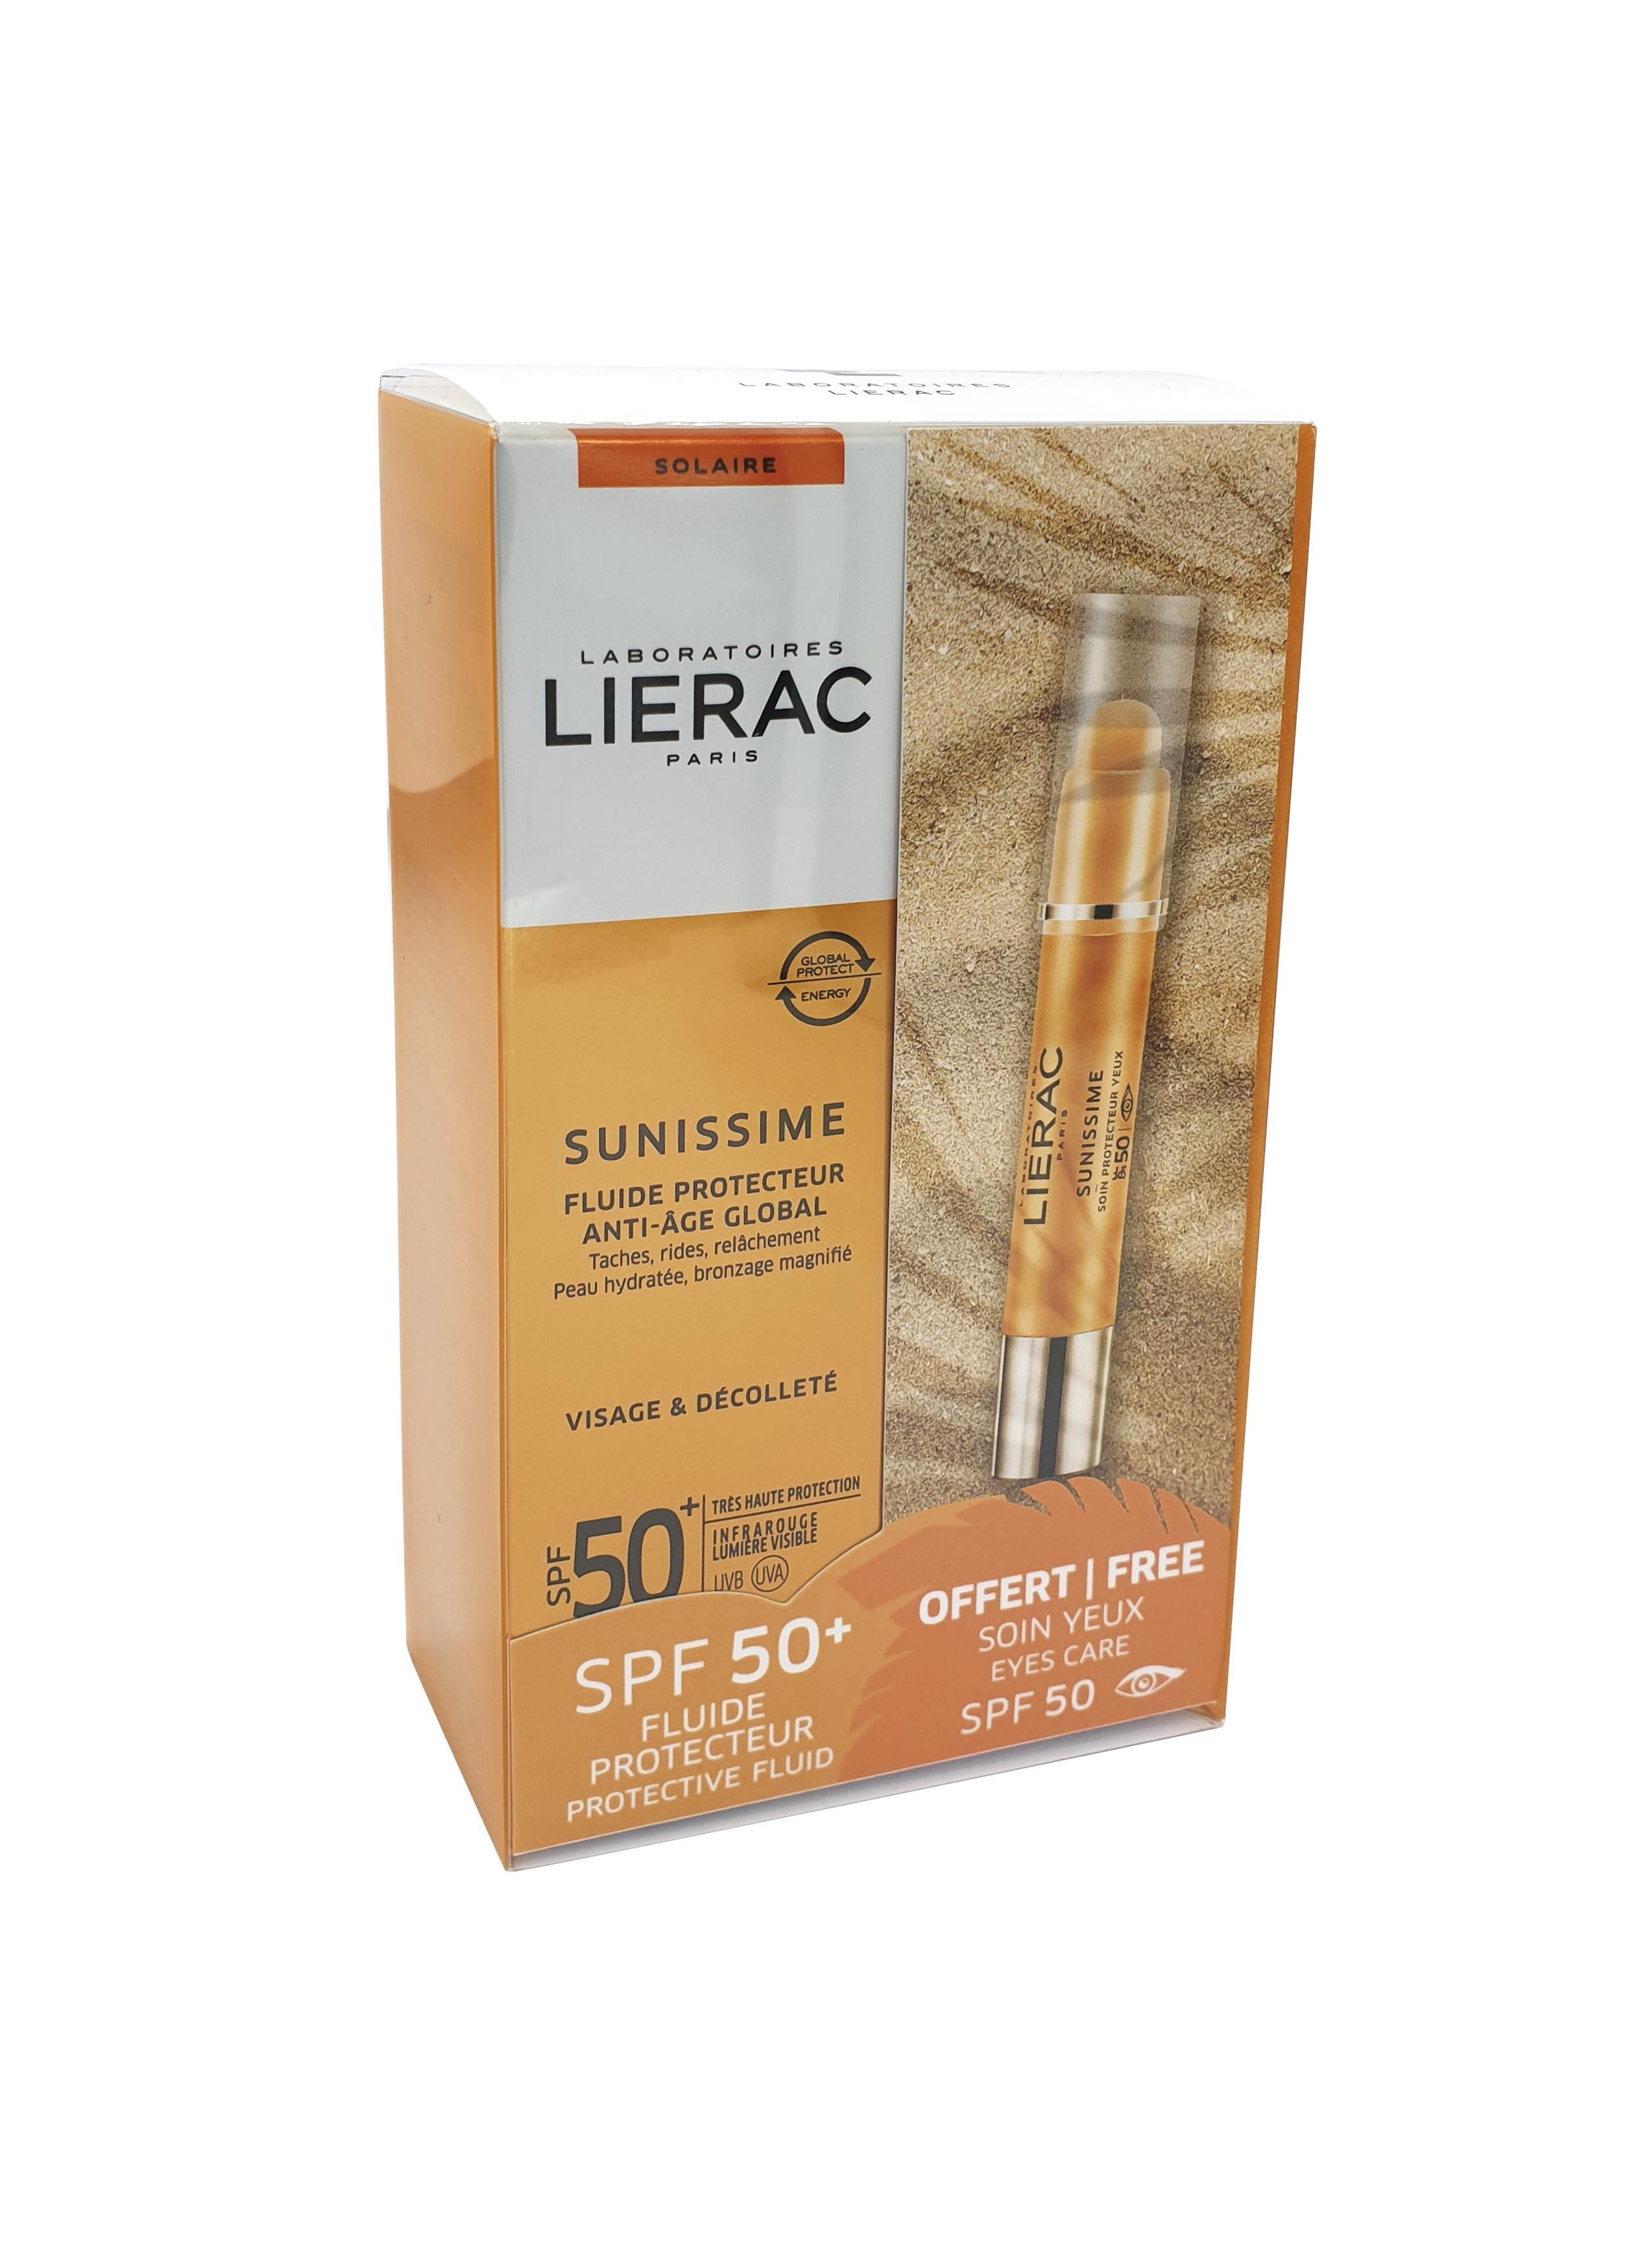 Lierac Promo Sunissime Fluide Protecteur Anti-Age Globale SPF50+ 40ml & Δώρο Soin Protecteur Yeux SPF50+ (3gr)